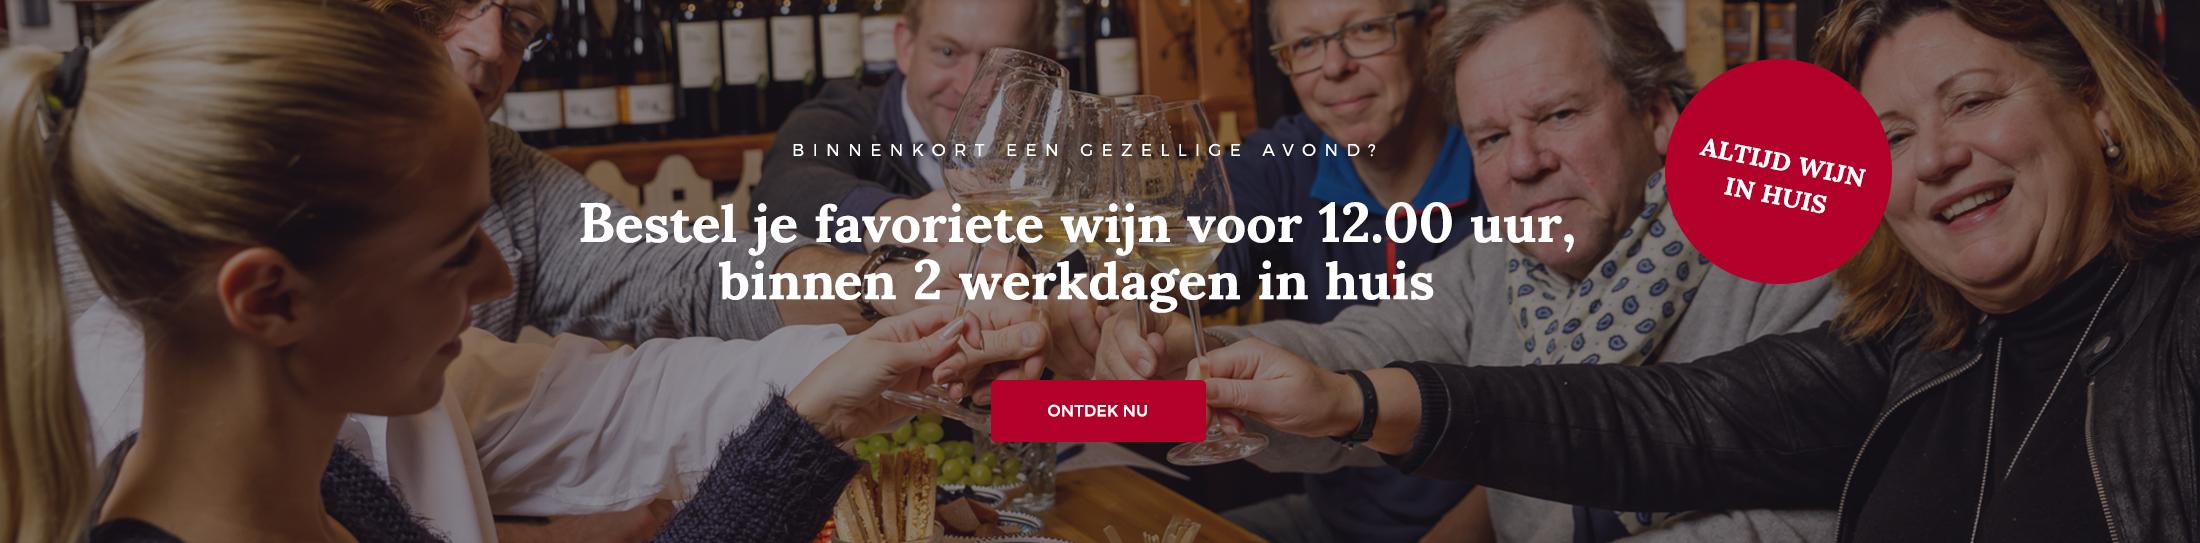 Vechtstreekwijnen.nl